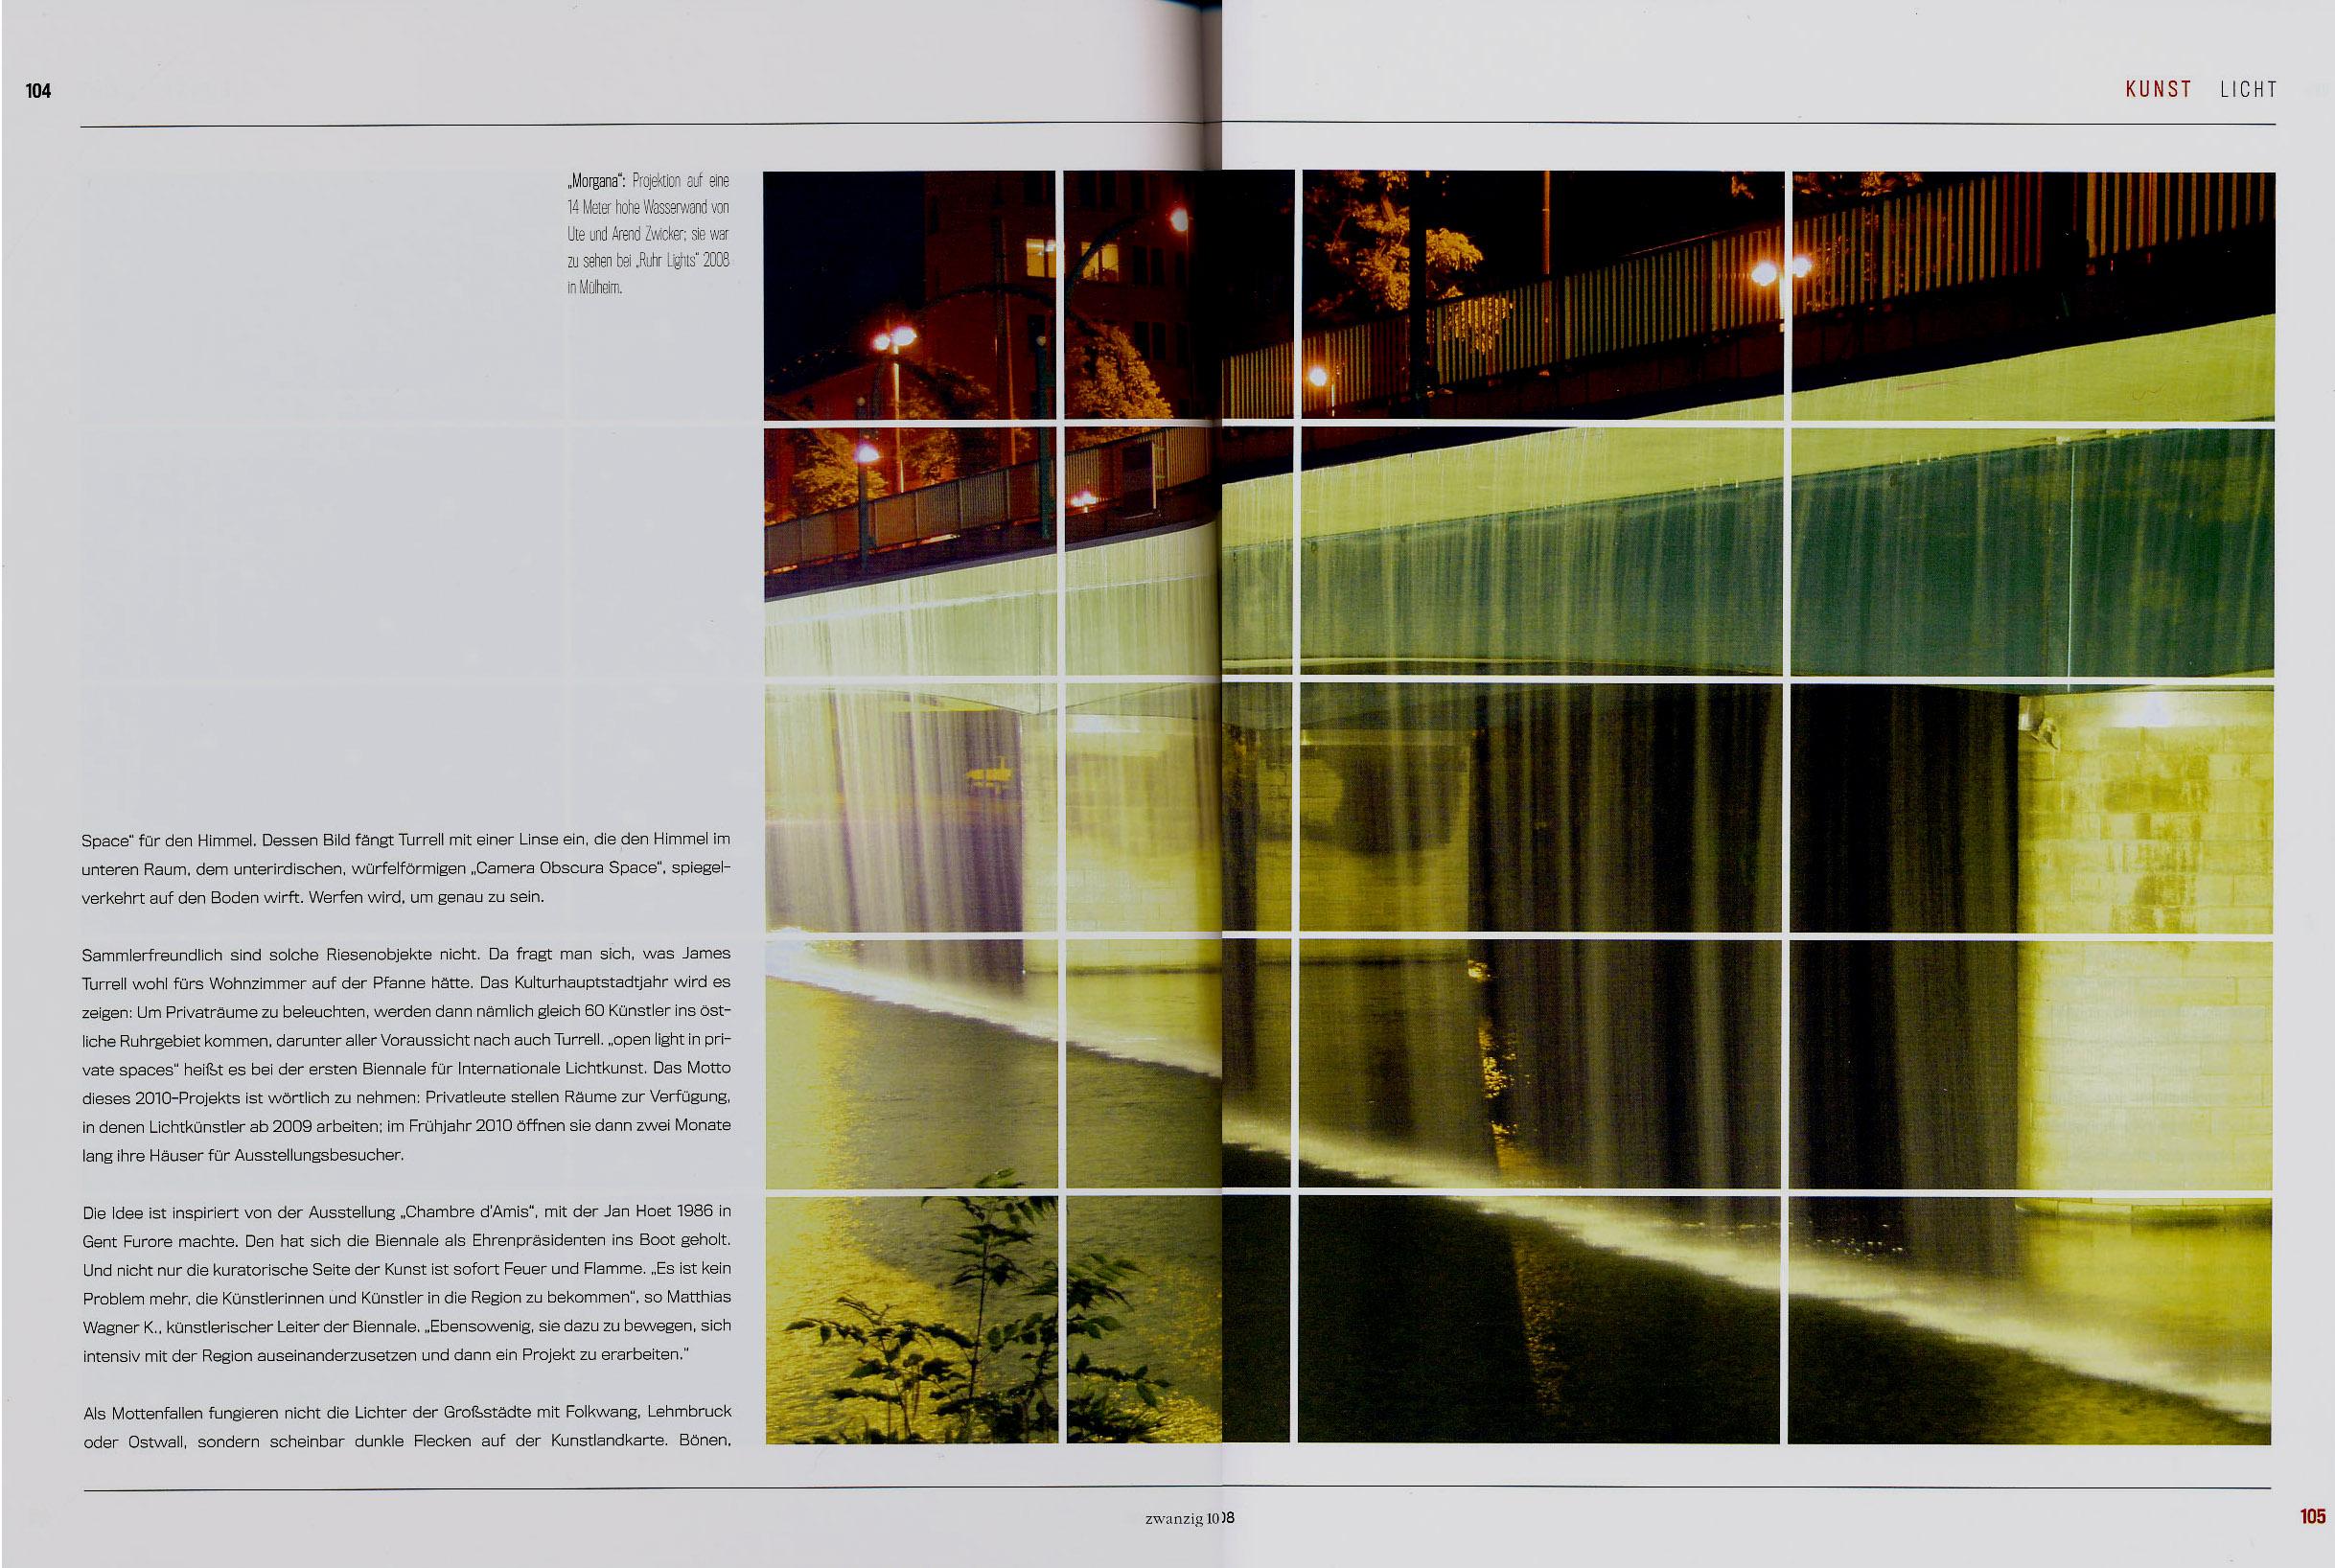 Schön Schaltplan Für Lichter Dunklen Raum Bilder - Elektrische ...